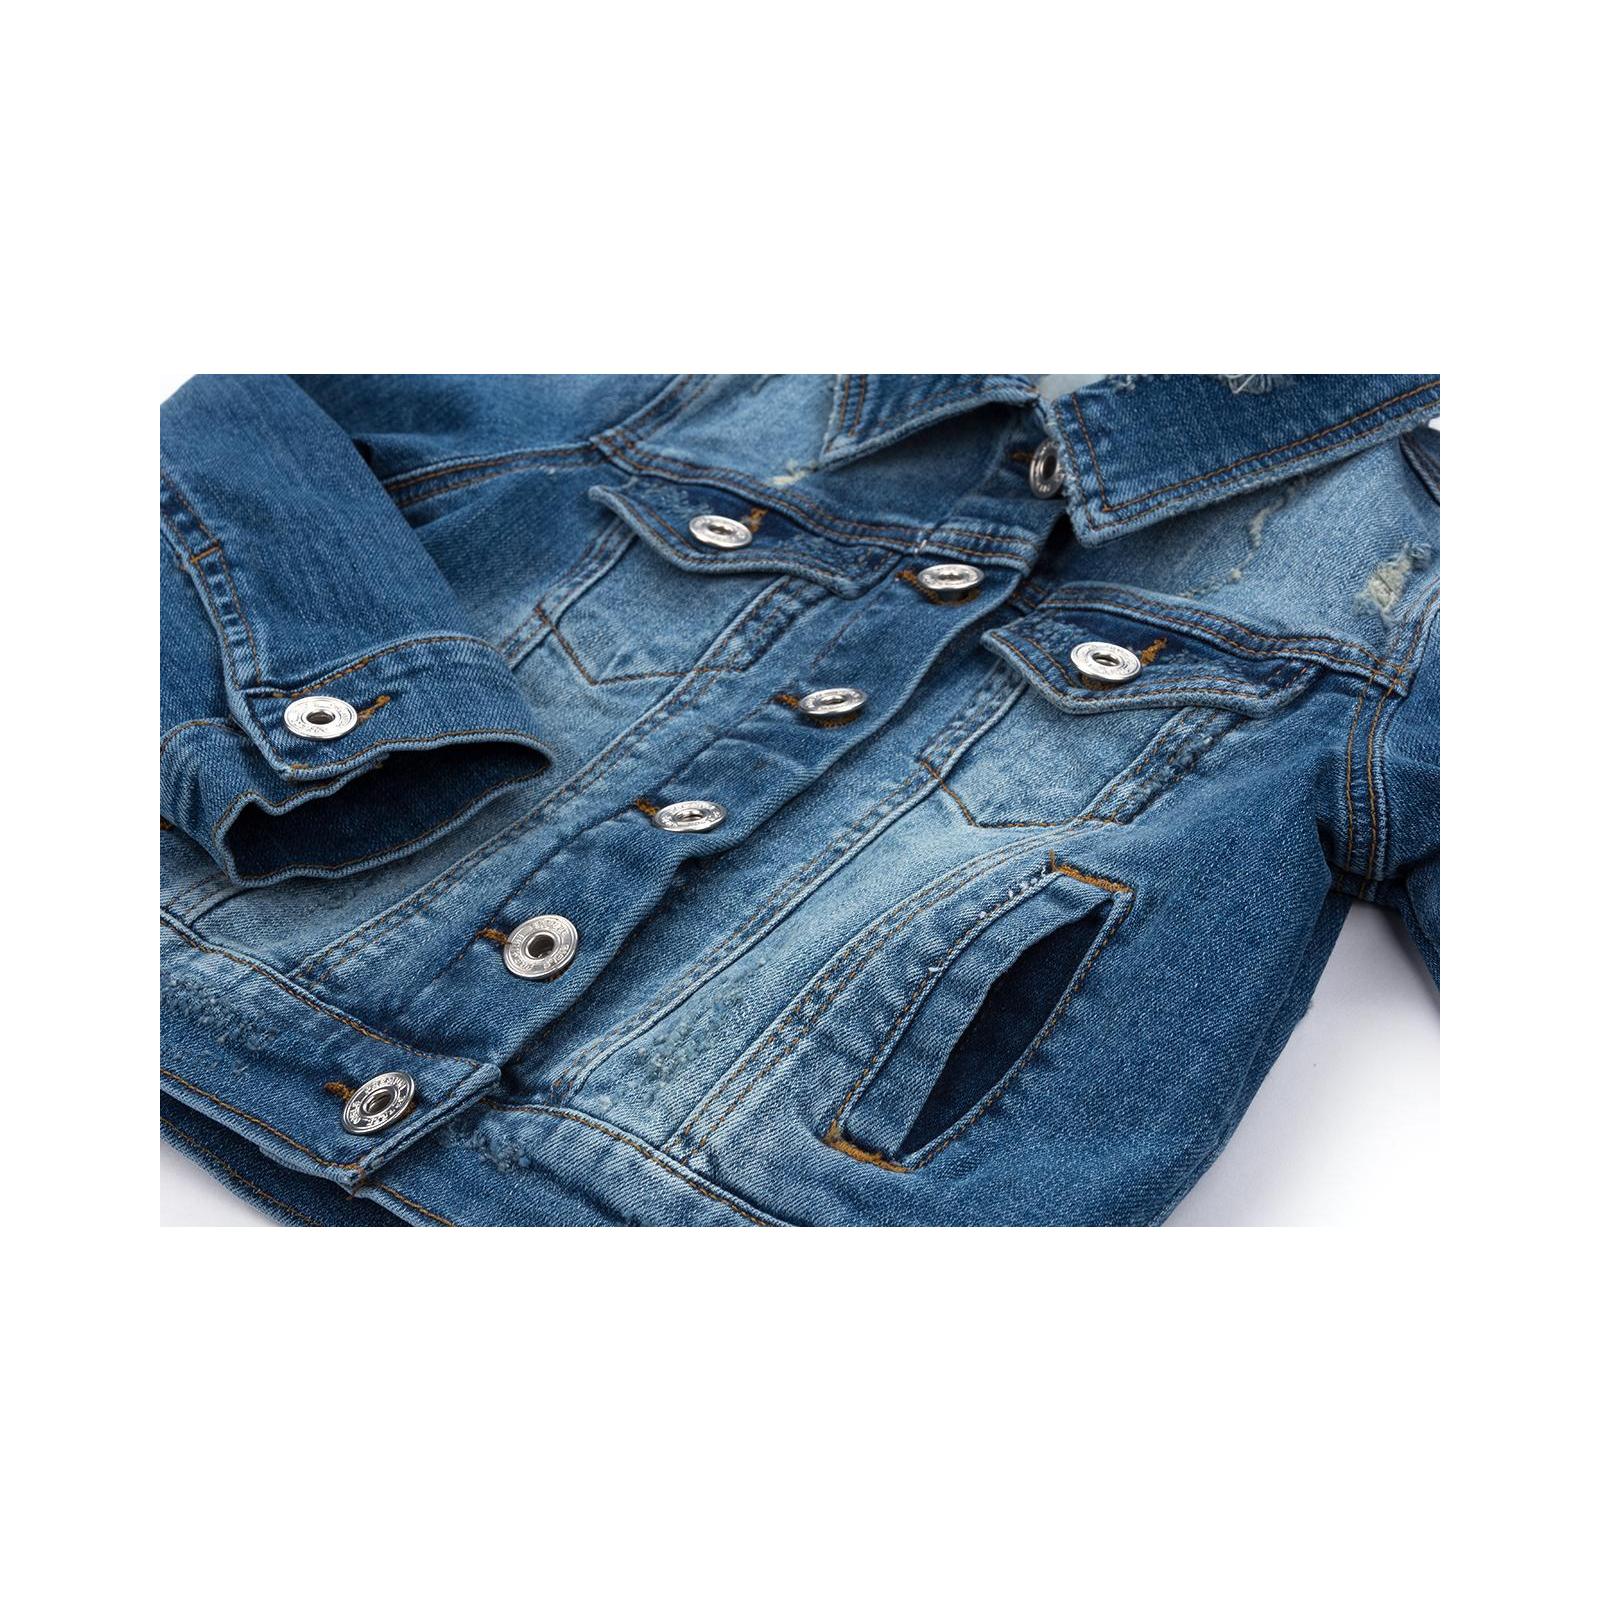 Куртка Breeze джинсовая укороченная (OZ-18801-134G-blue) изображение 5